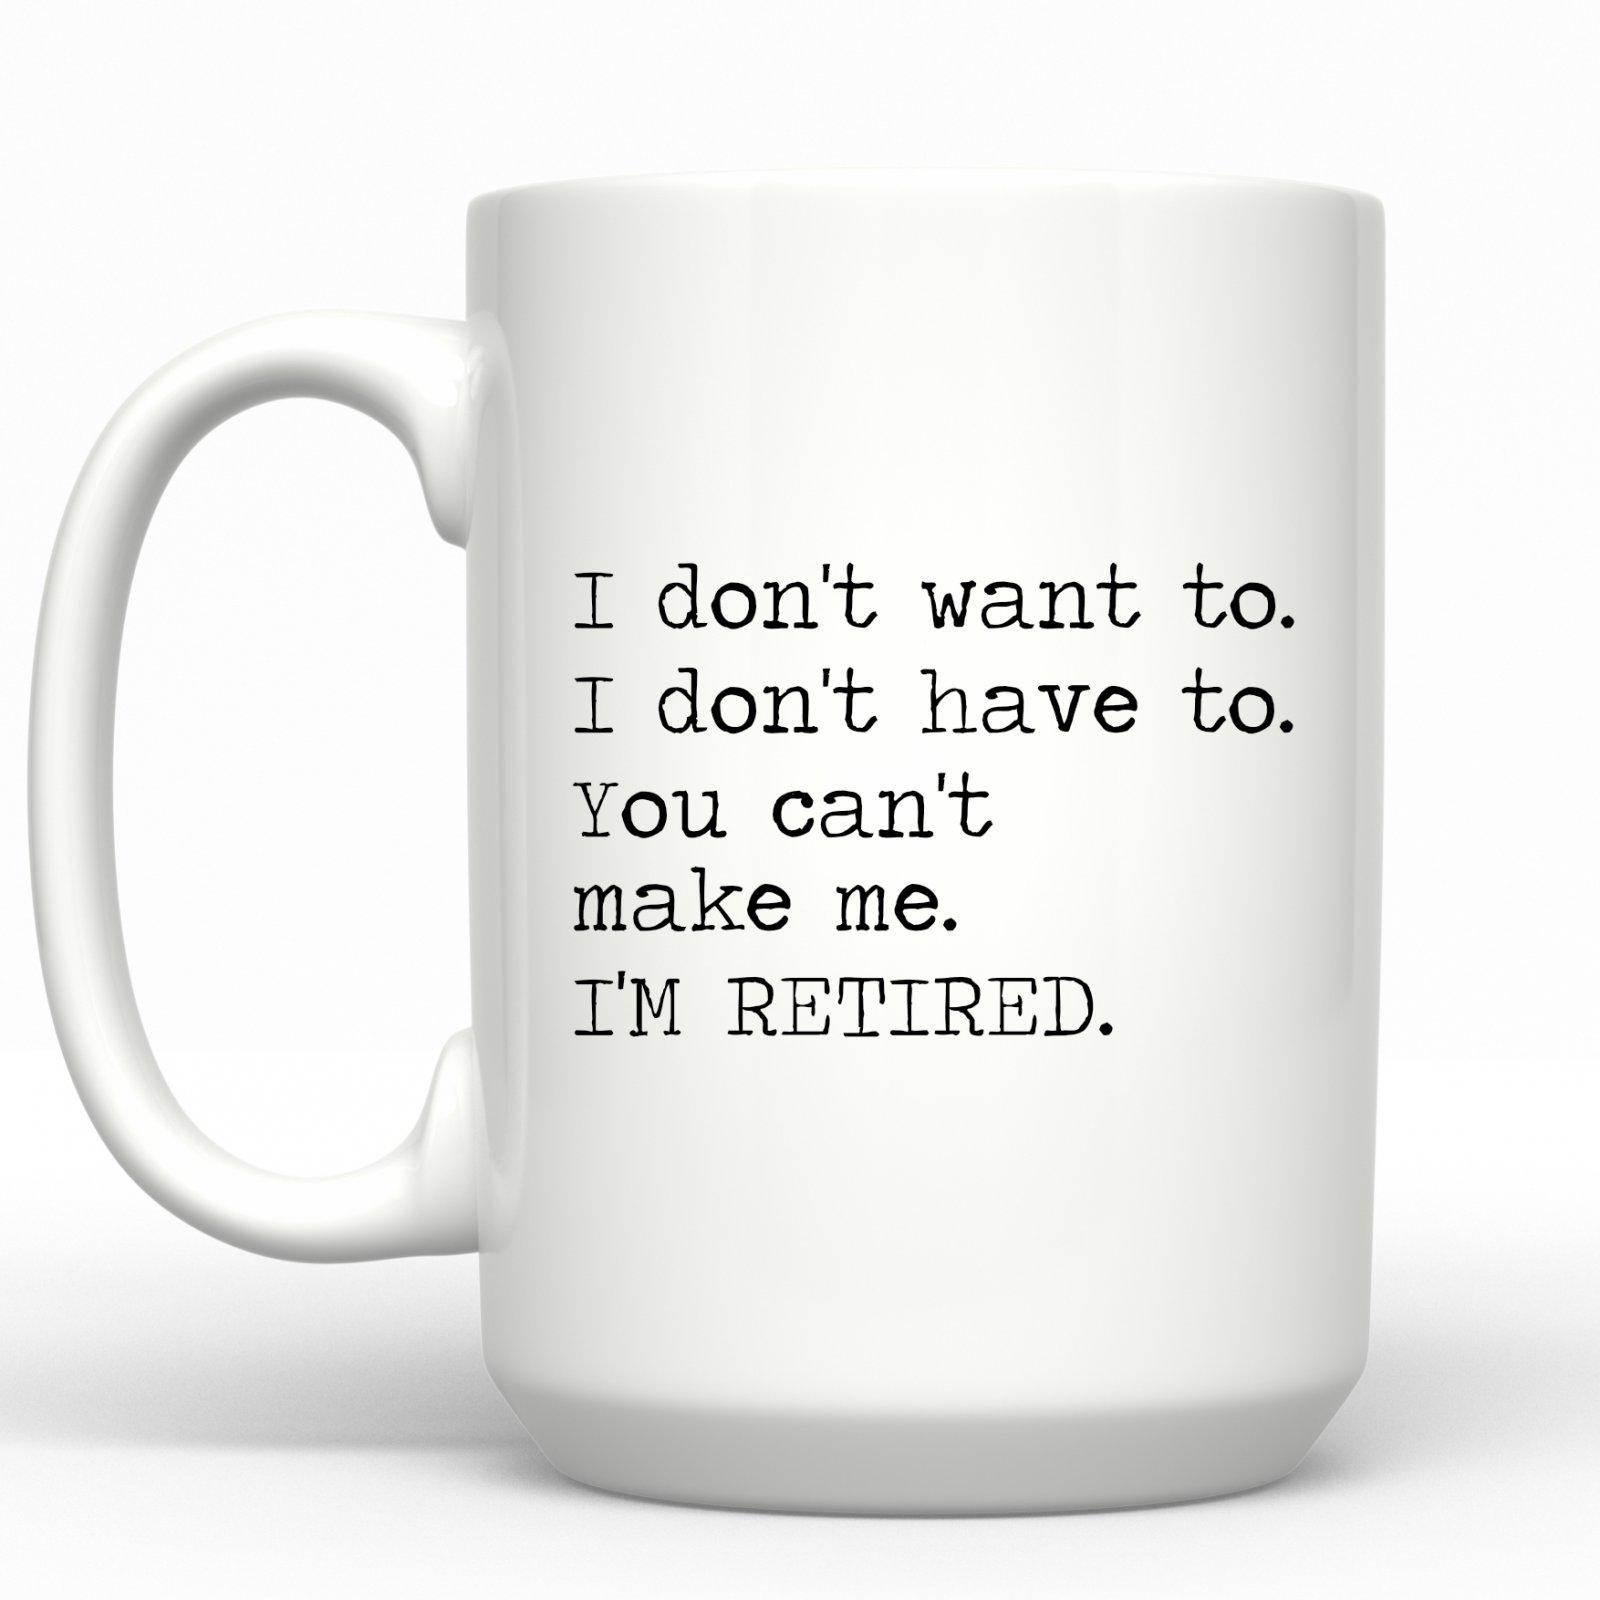 I don't Want to Mug